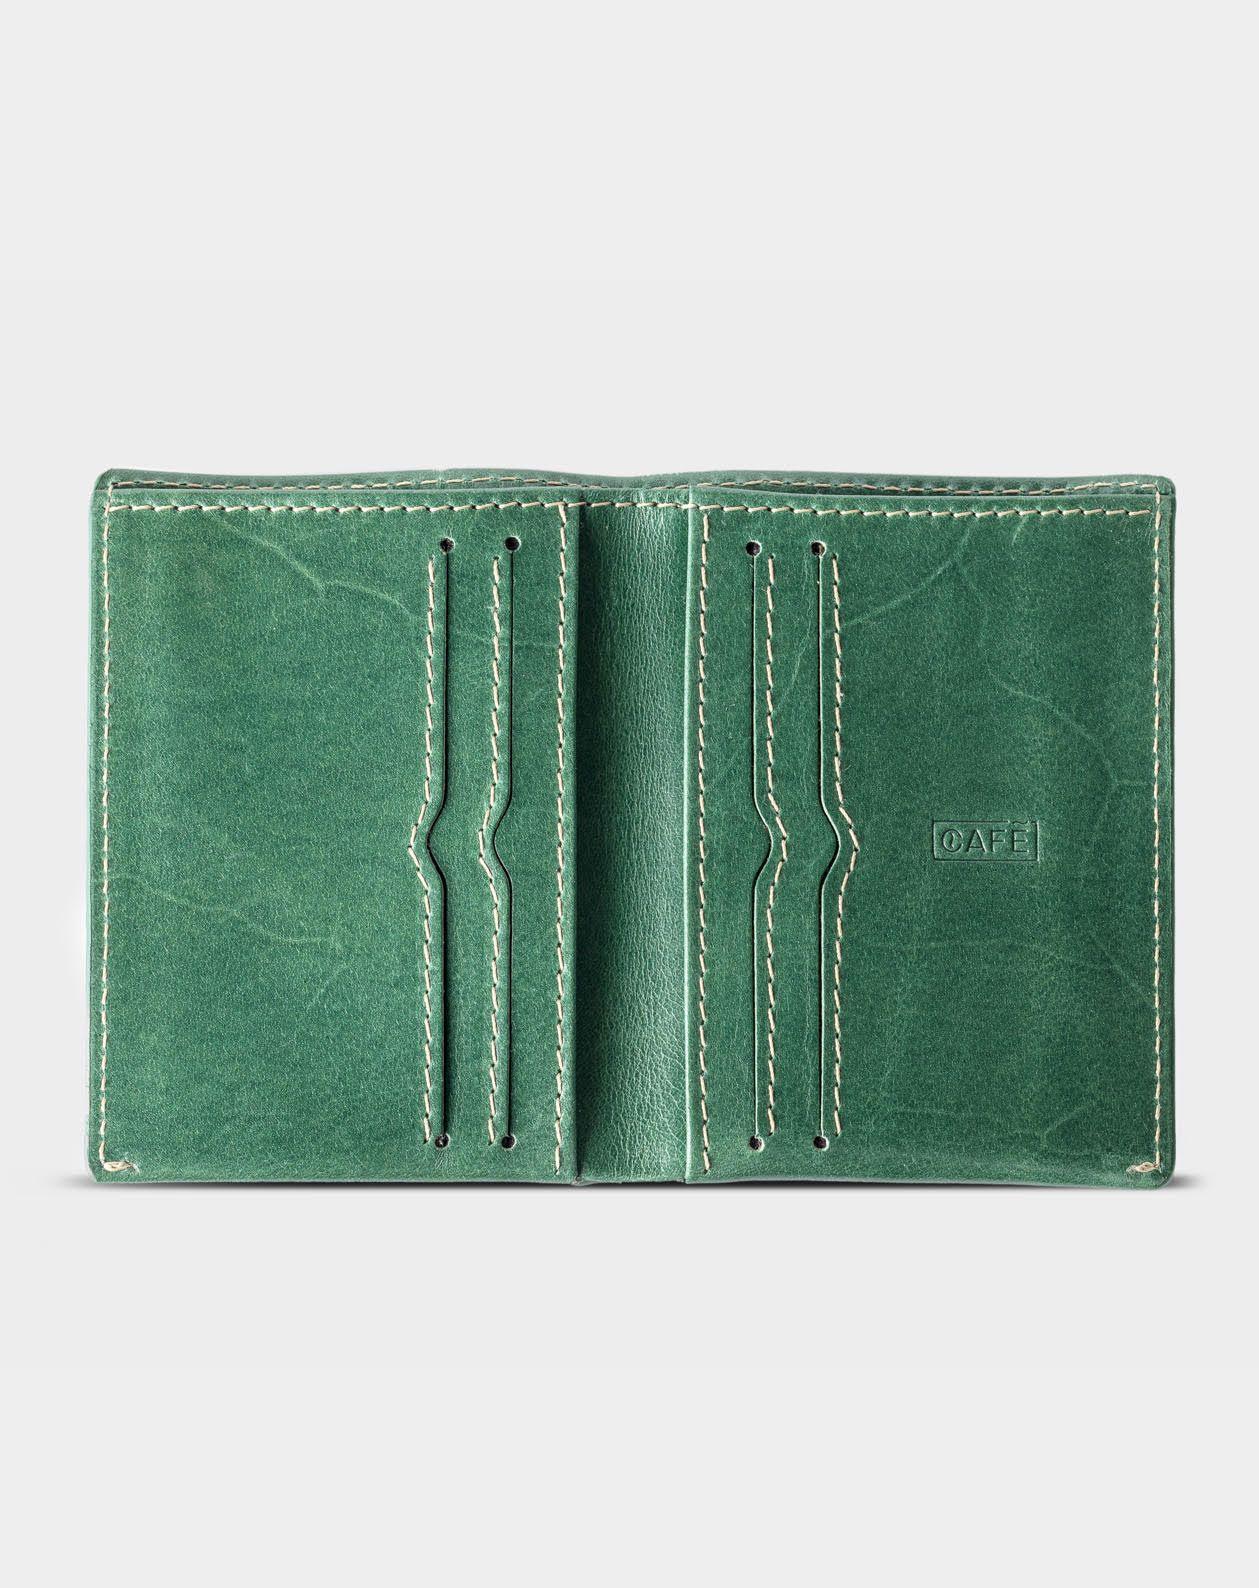 93a94b349 cartera de piel verde para más de 12 tarjetas y bolsillo para monedas